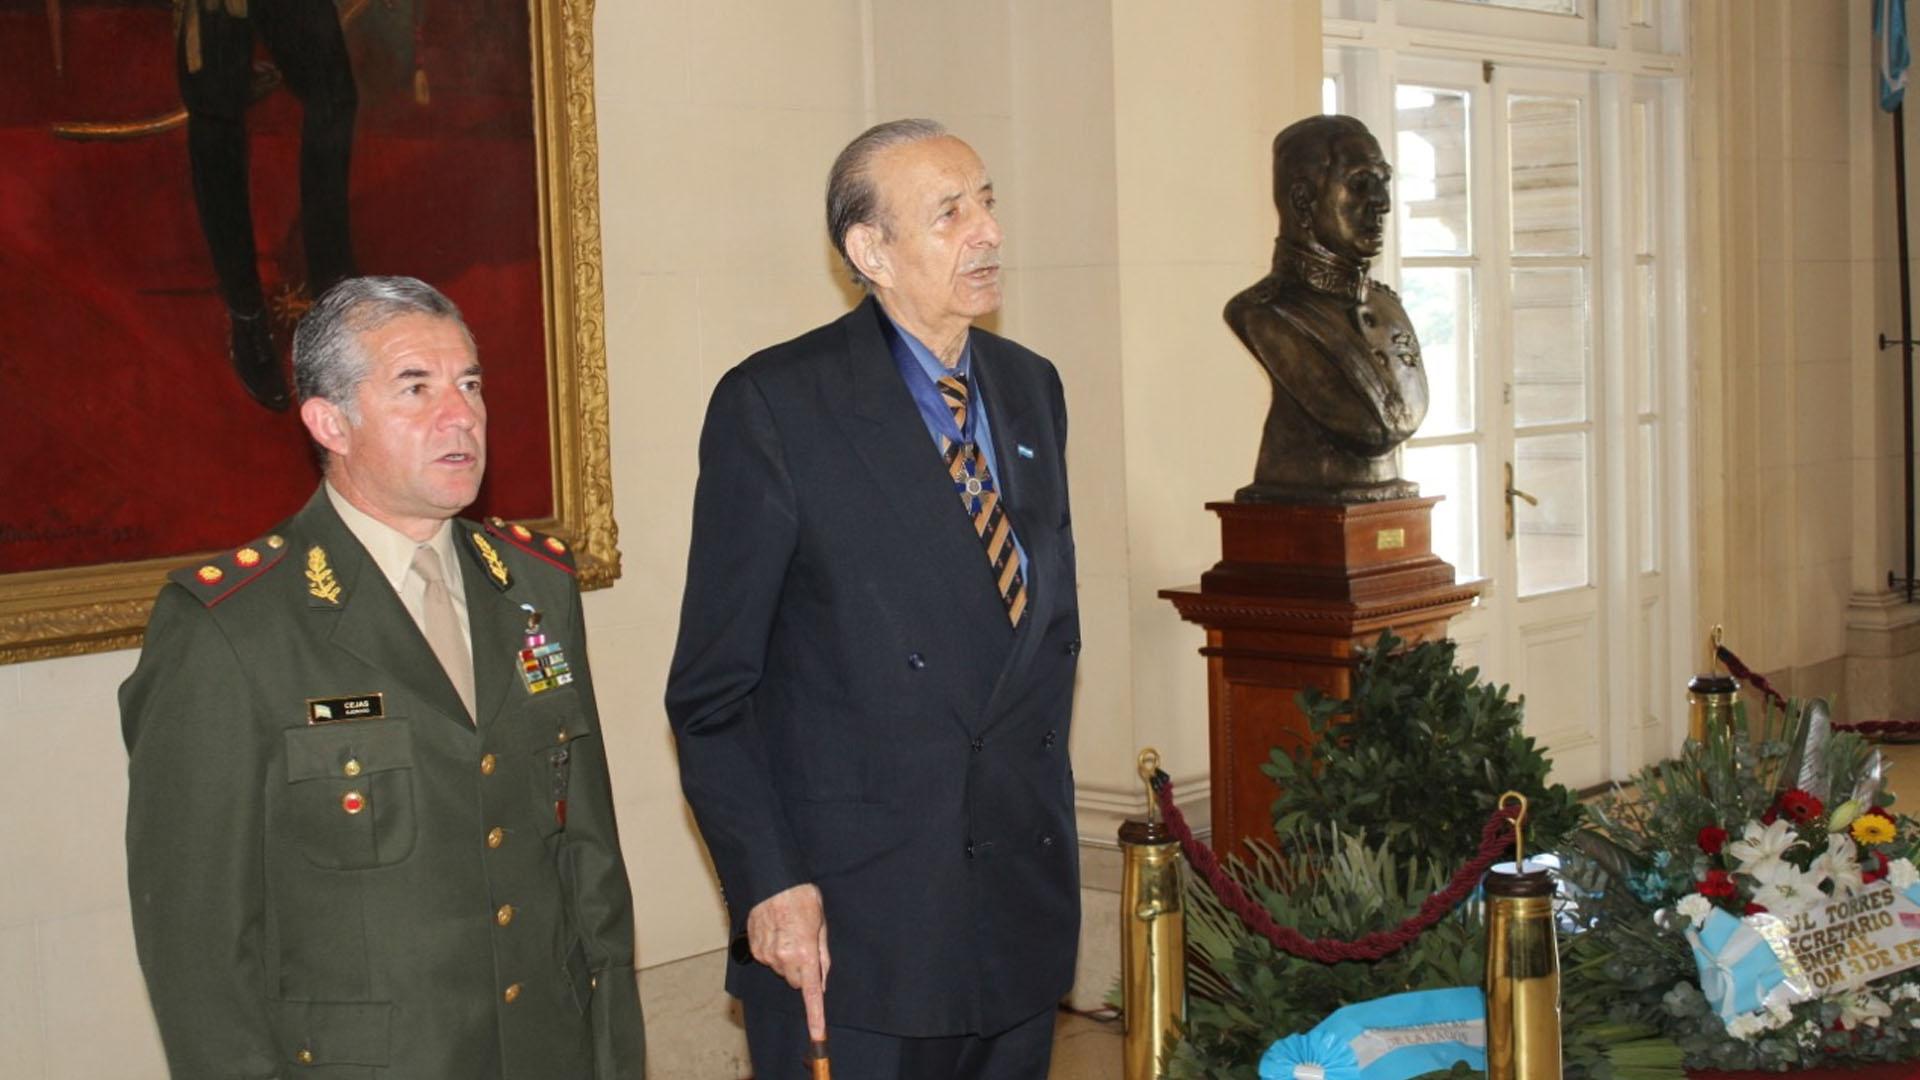 El director del Colegio Militar, general Agustín Humberto Cejas, y el director del Instituto Nacional Juan Perón, Lorenzo Pepe, en el homenaje a Juan Domingo Perón en el Colegio Militar